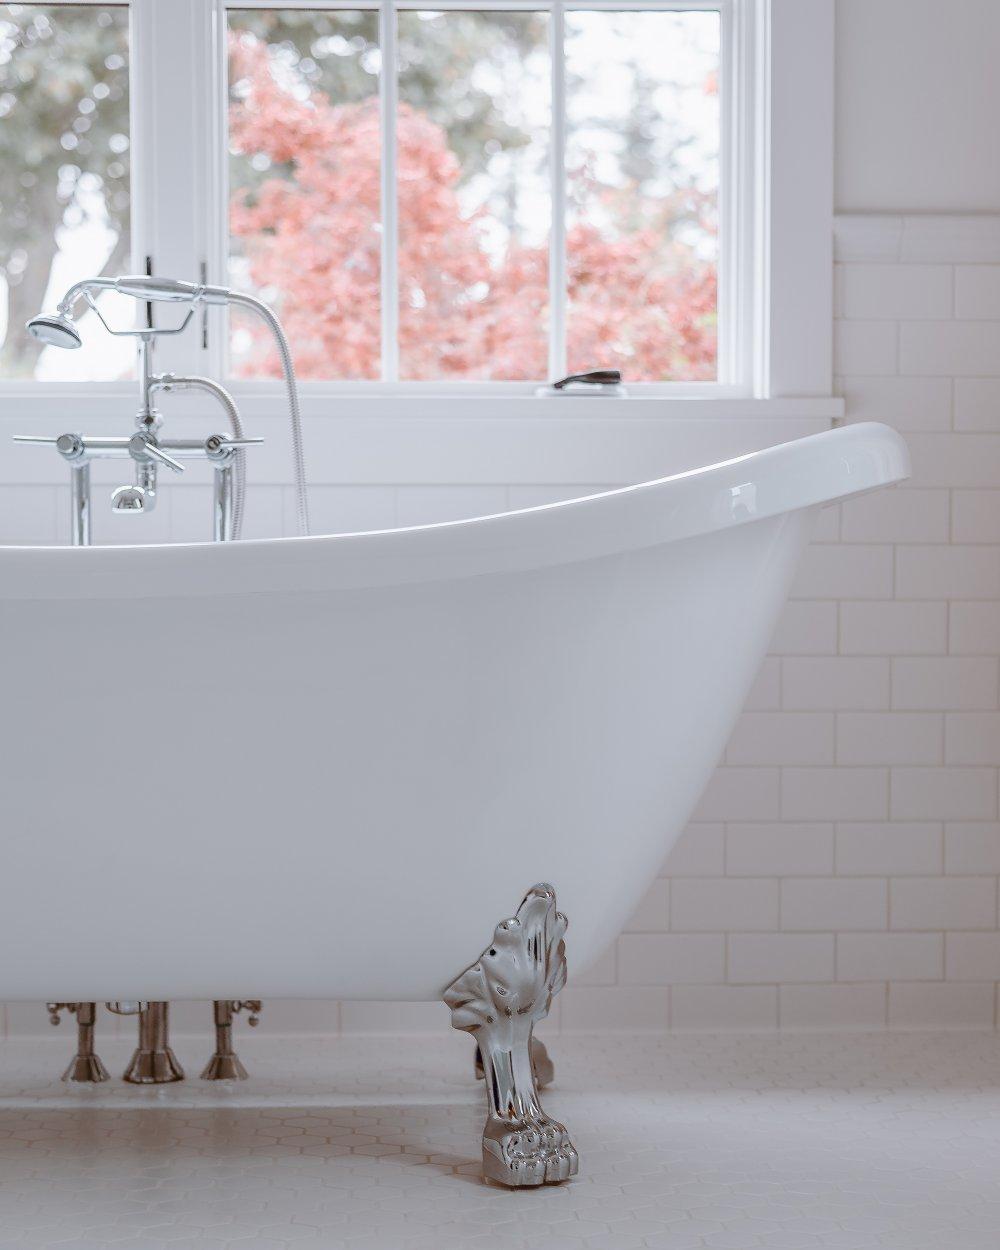 Professionel renovering af badekar